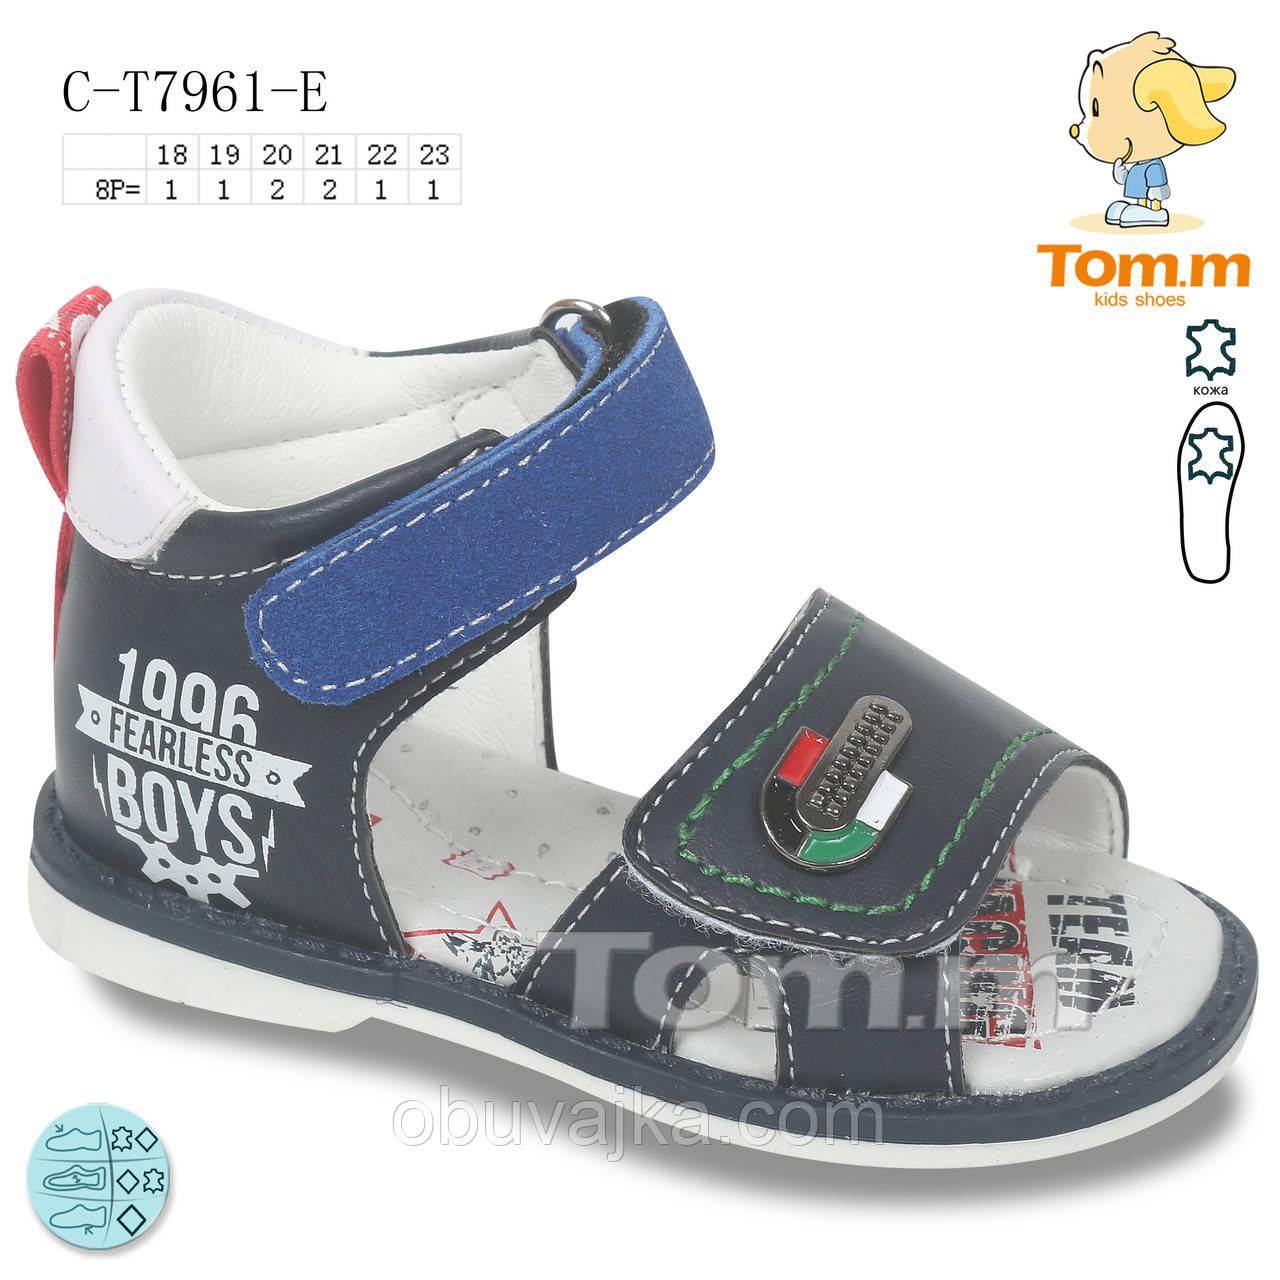 Детская летняя обувь 2021 оптом. Детские босоножки бренда Tom m для мальчиков (рр. с 18 по 23)